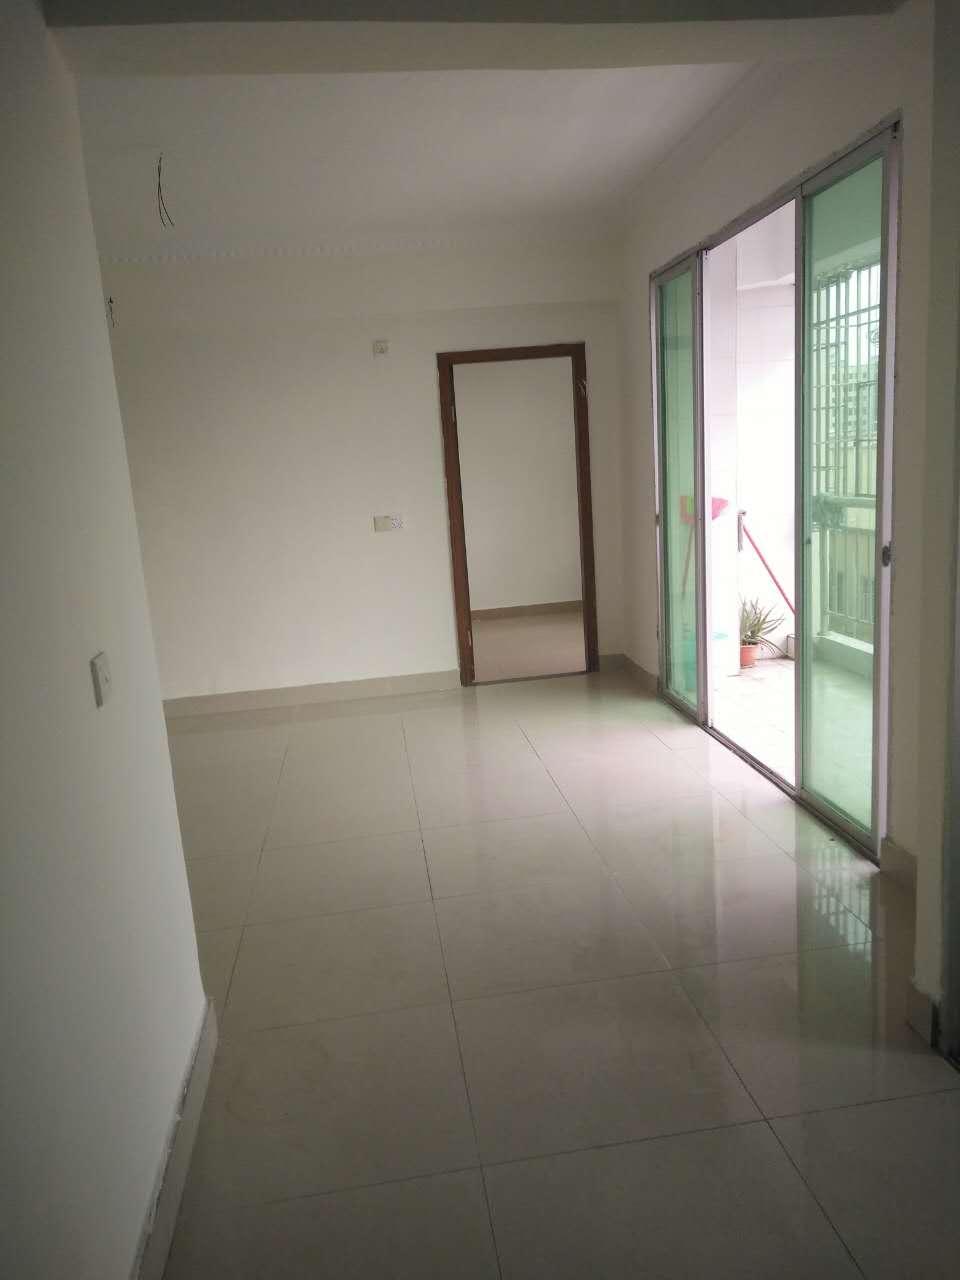 深圳小产权房52万三房85平方米,沙井万丰村农民房带装修出售 搜房 现房 团购 三房二厅 第9张